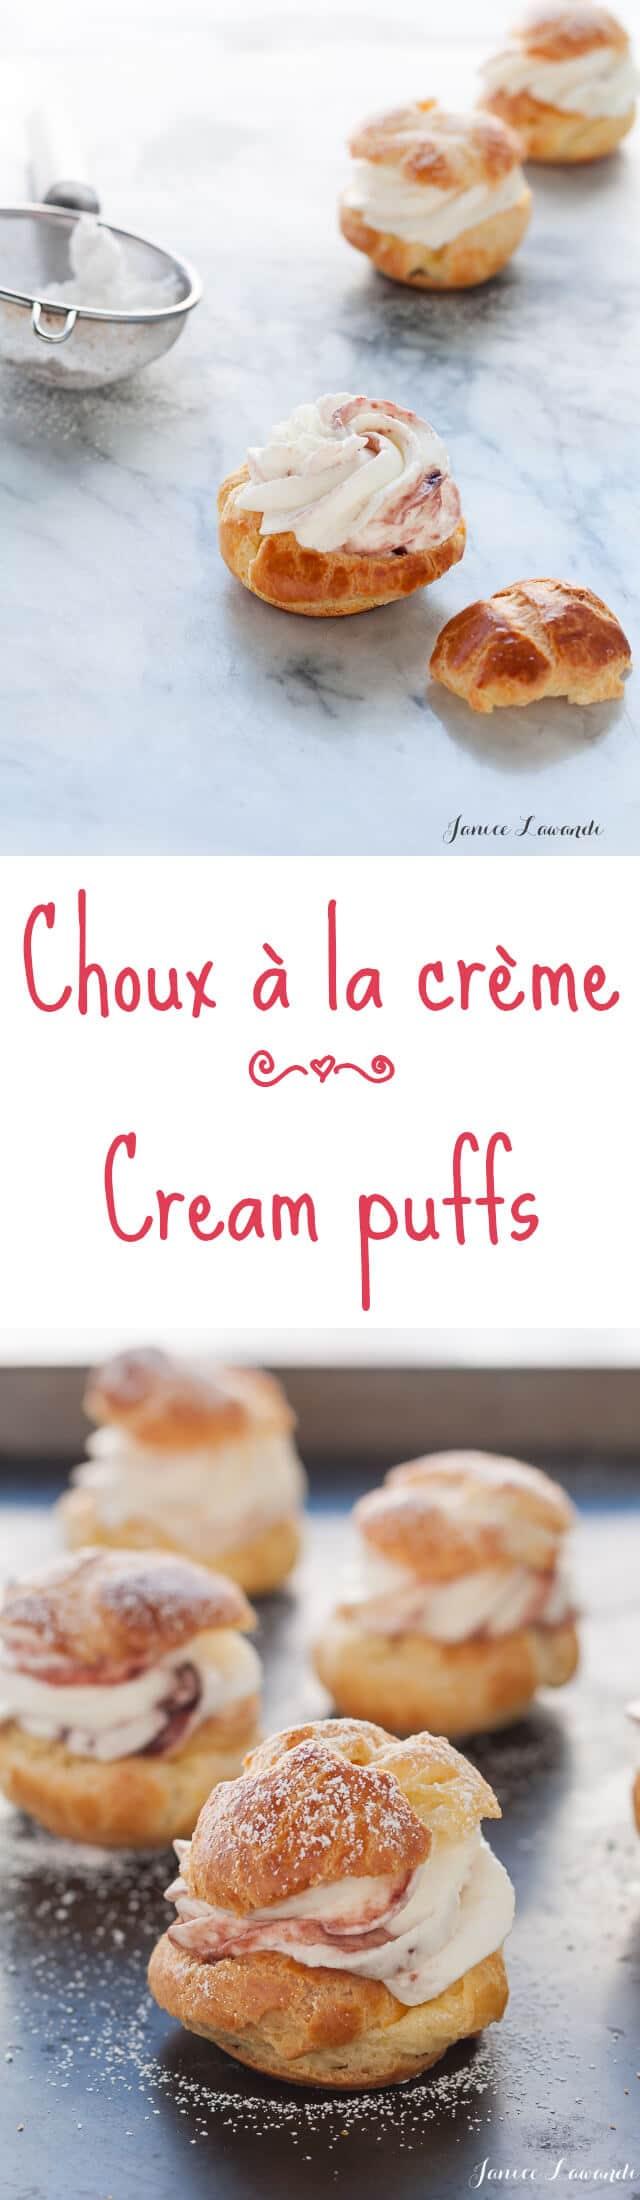 Choux à la crème are cream puffs essentially pâte à choux puffs filled with whipped cream